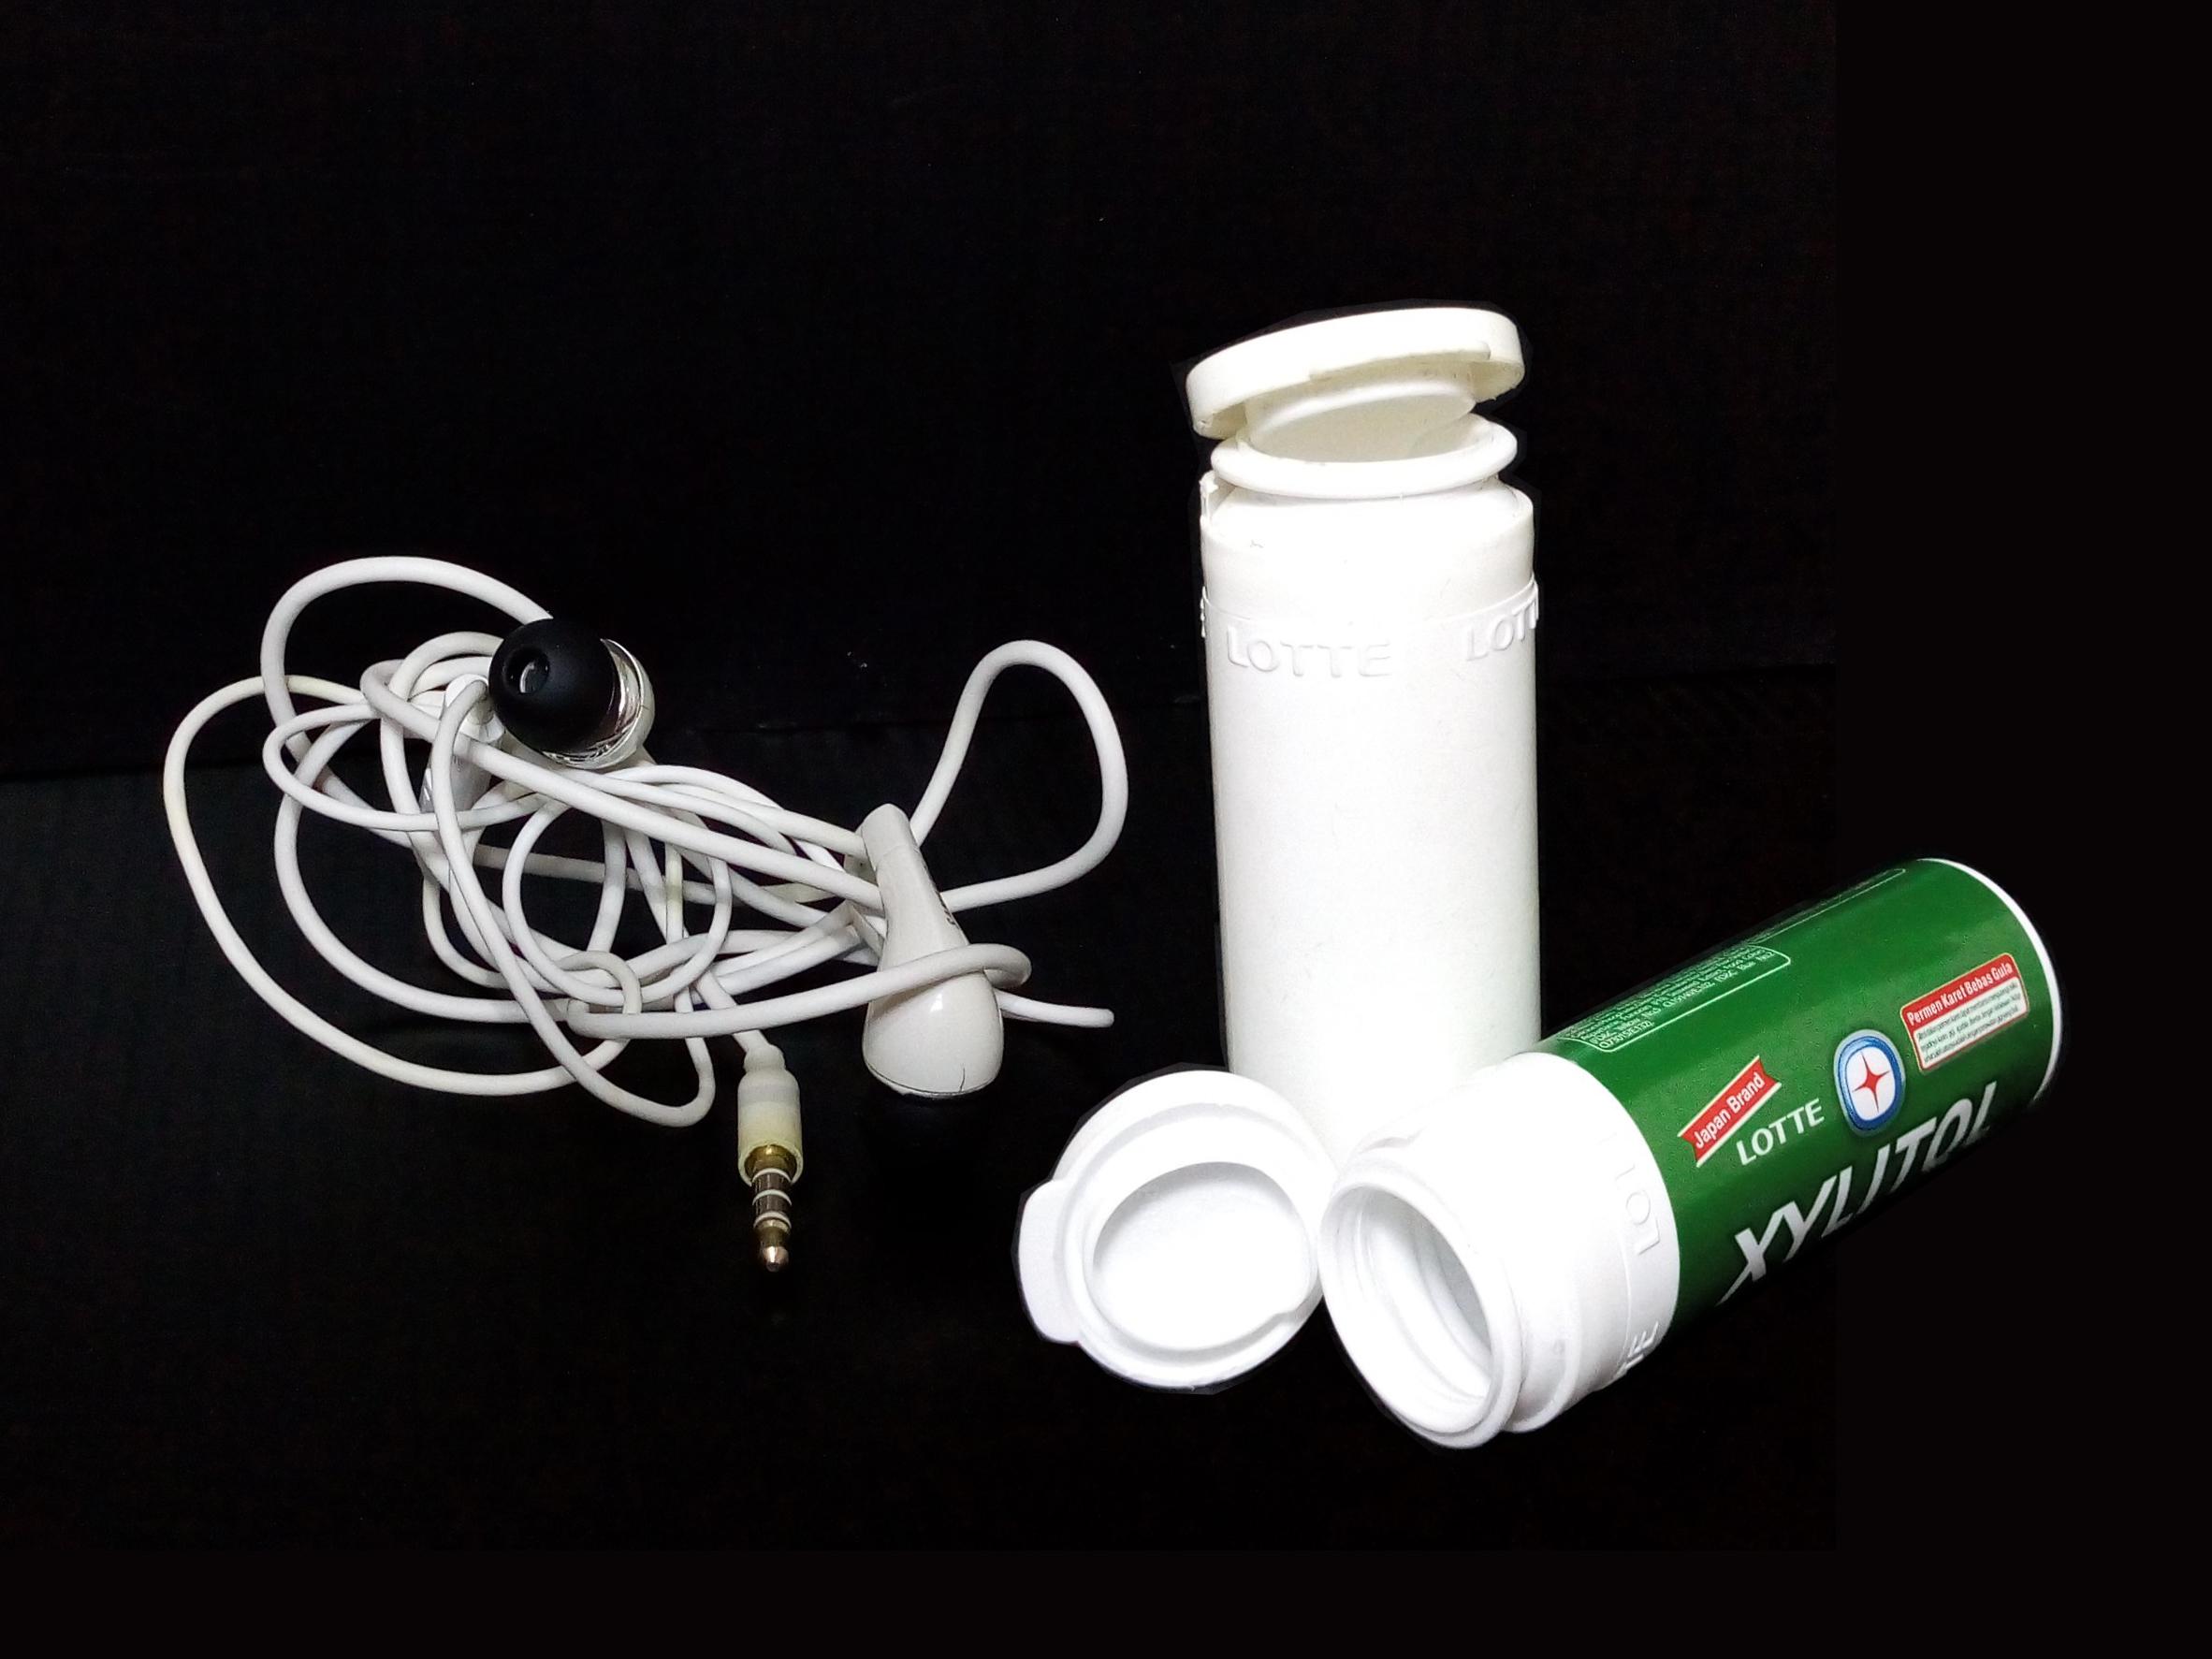 Picture of Waterproof Pocket-Sized Headset/Earphone/Earphone Carrying Case